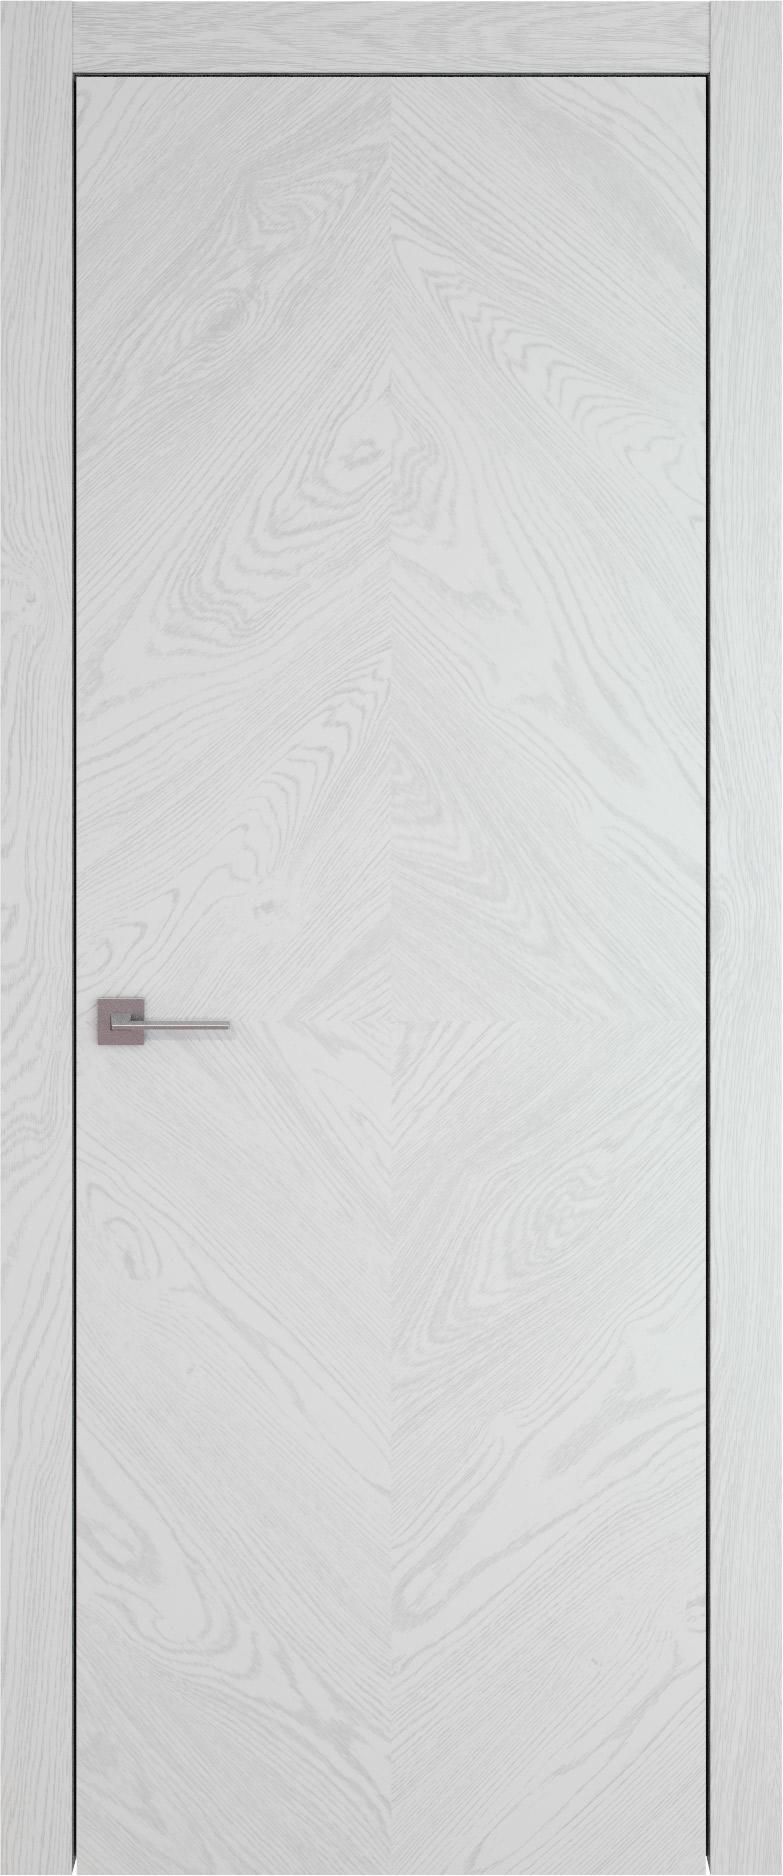 Tivoli К-1 цвет - Белый ясень (шпон) Без стекла (ДГ)